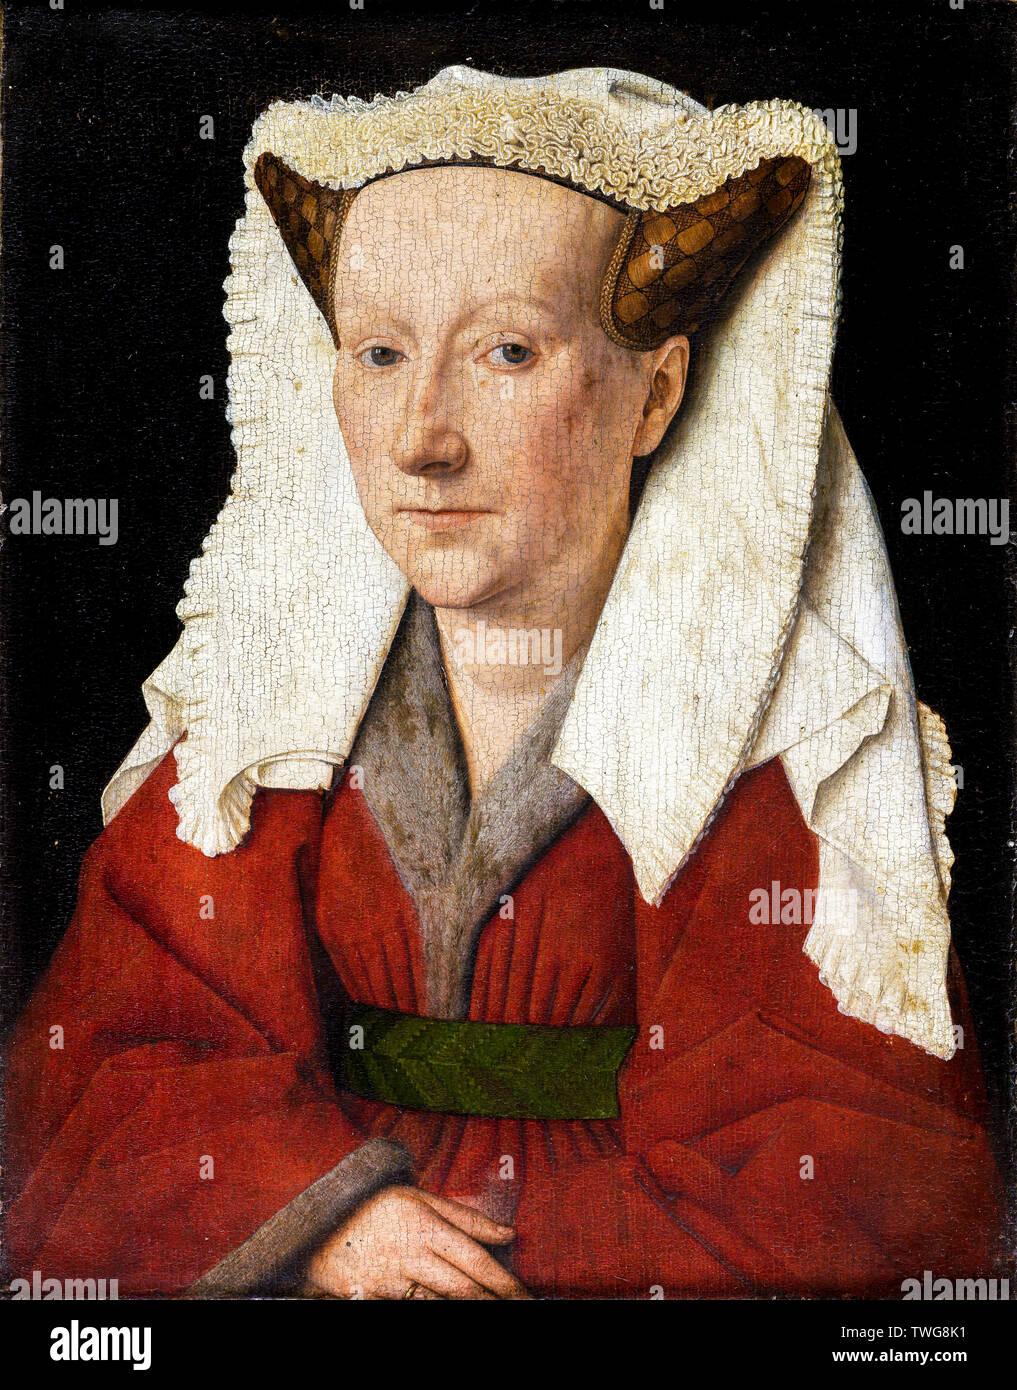 Jan van Eyck, Margareta van Eyck, portrait painting, 1439 Stock Photo